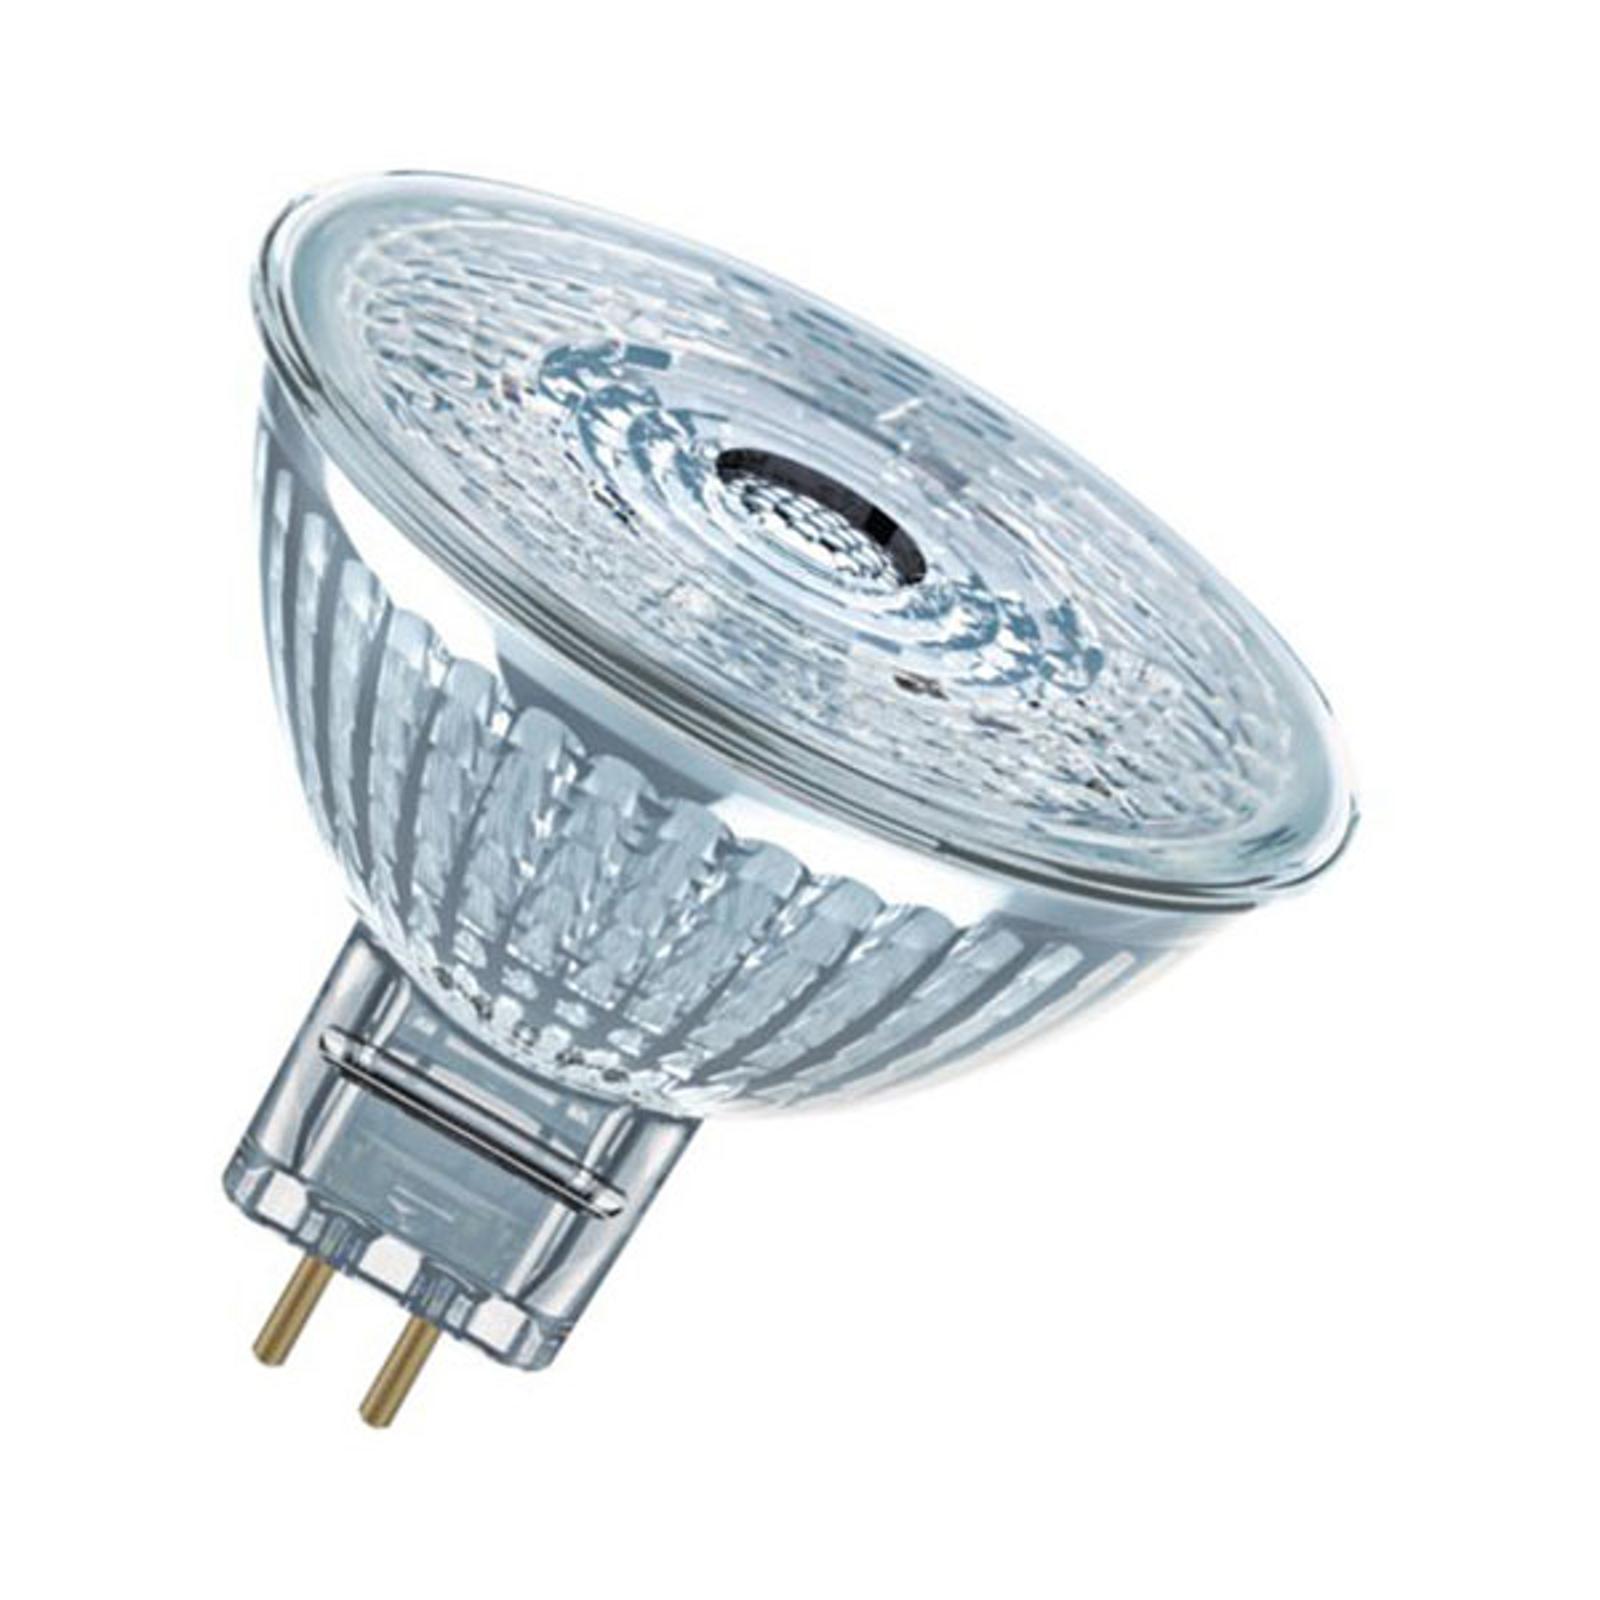 LED-reflektor GU5,3 3,8W Star 36°4000K